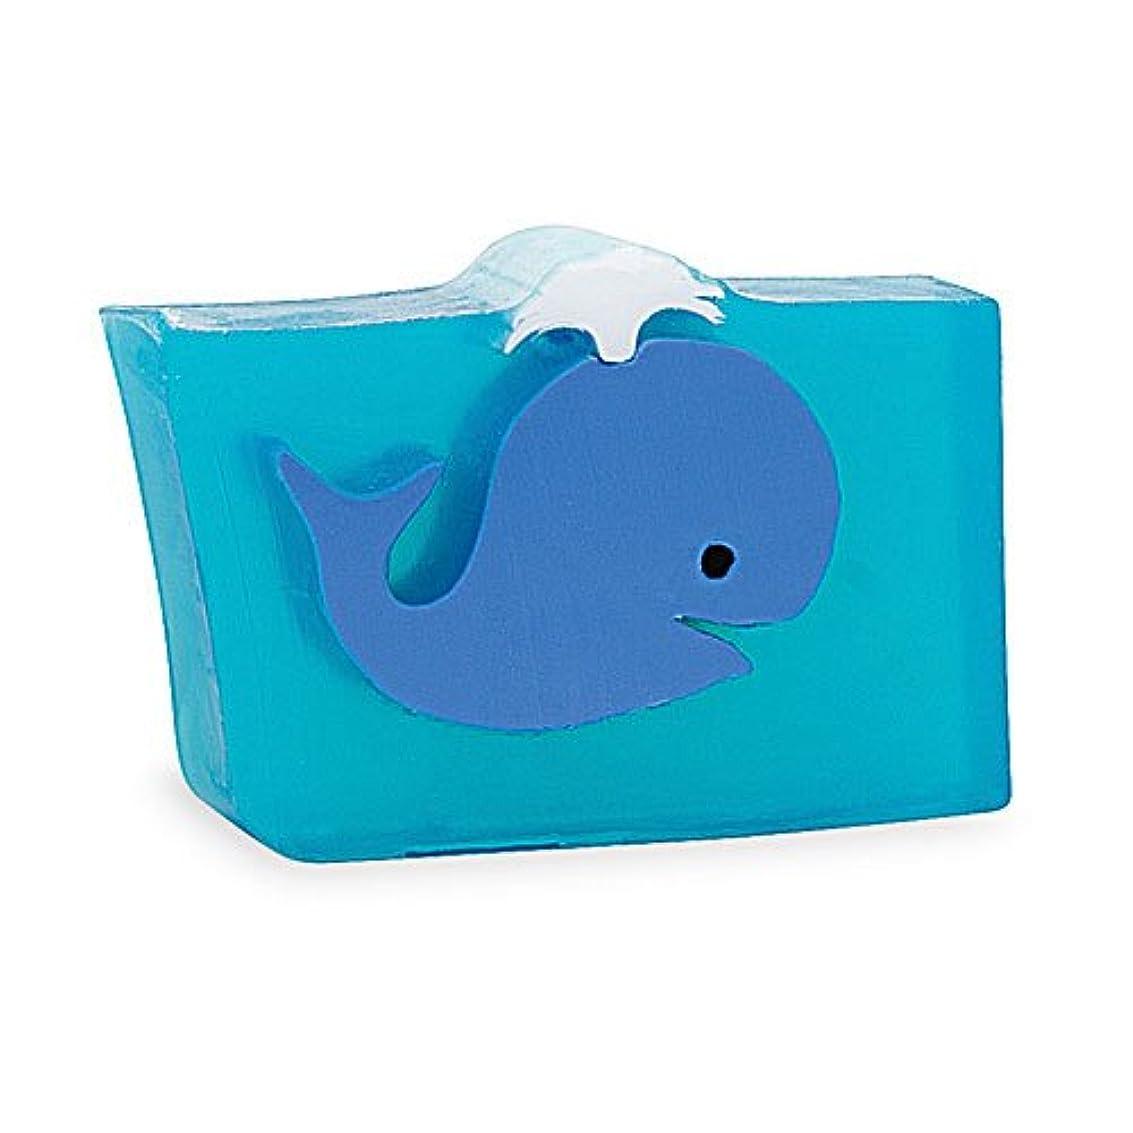 店主出くわす材料プライモールエレメンツ アロマティック ソープ クジラ 180g 植物性 ナチュラル 石鹸 無添加